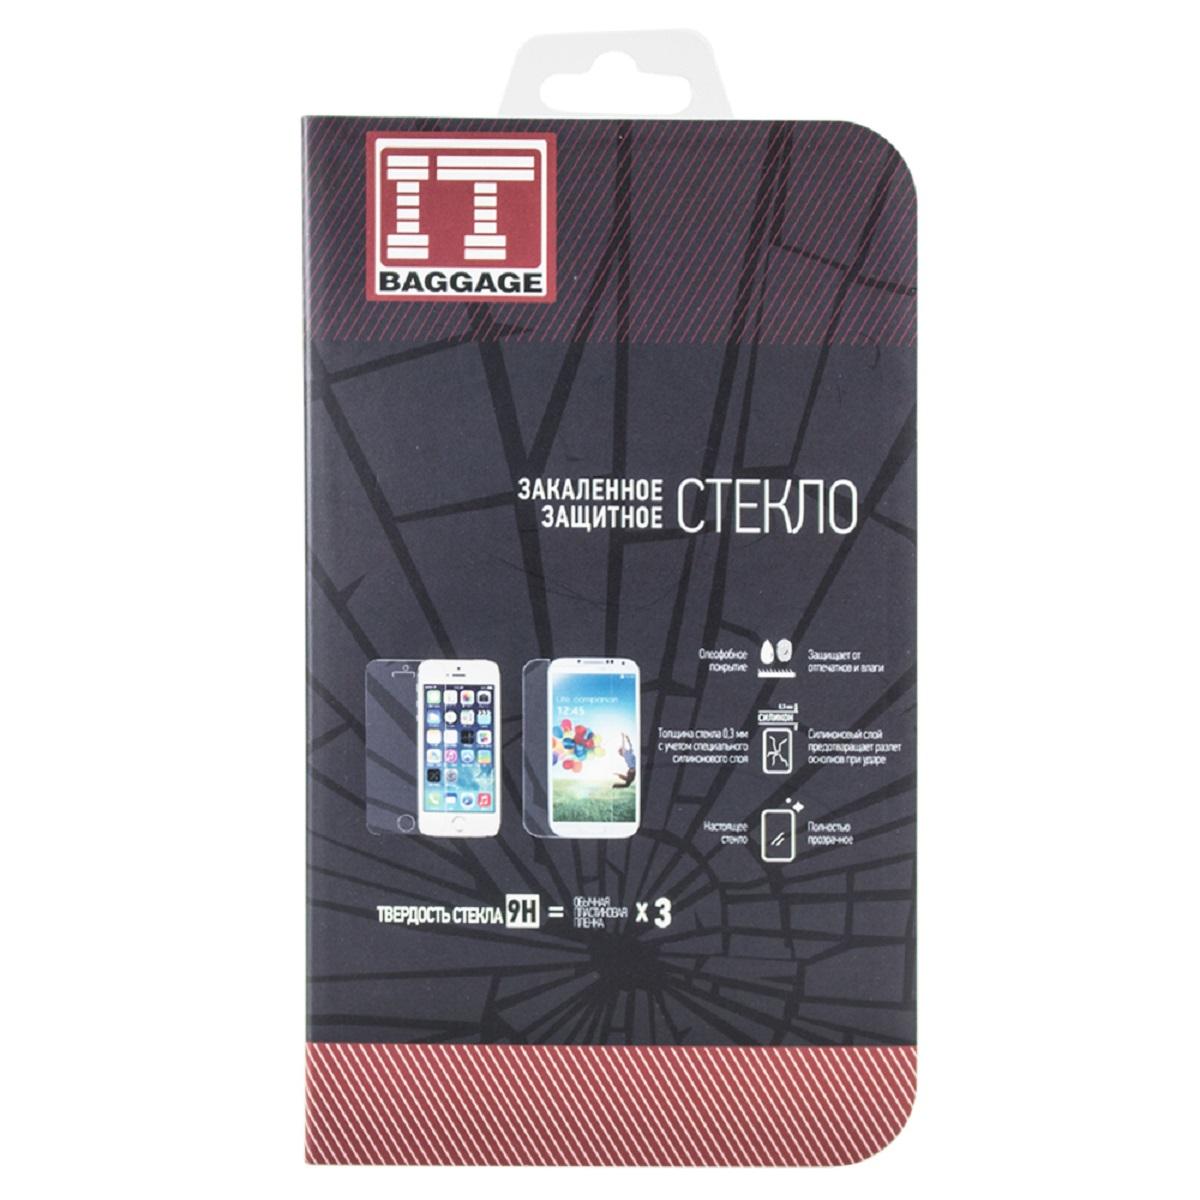 IT Baggage защитное стекло для Meizu PRO 5ITMZPRO5GЗакаленное стекло IT Baggage для Meizu PRO 5 - это самый верный способ защитить экран от повреждений и загрязнений. Обладает высочайшим уровнем прозрачности и совершенно не влияет на отклик экранного сенсора и качество изображения. Препятствует появлению отпечатков и пятен. Удалить следы жира и косметики с поверхности аксессуара не составить ни какого труда. Характеристики защитного стекла делают его износостойким к таким механическим повреждениям, как царапины, сколы, потертости. При сильном ударе разбившееся стекло не разлетается на осколки, предохраняя вас от порезов, а экран устройства от повреждений. После снятия защитного стекла с поверхности дисплея, на нем не остаются повреждения, такие как потертости и царапины.